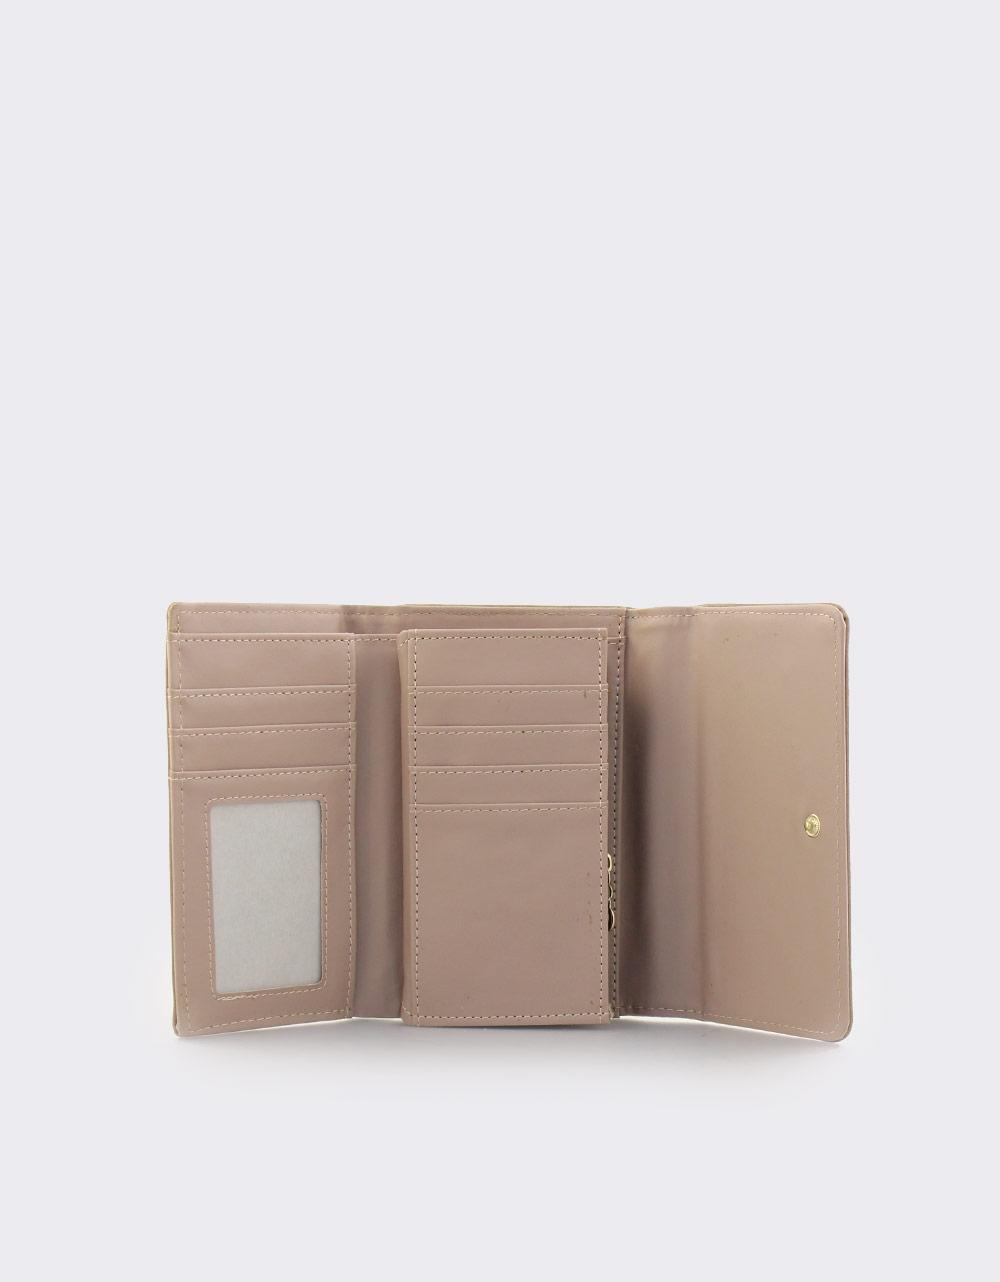 Εικόνα από Γυναικεία πορτοφόλια μονόχρωμα με μεταλλική λεπτομέρεια Πούρο